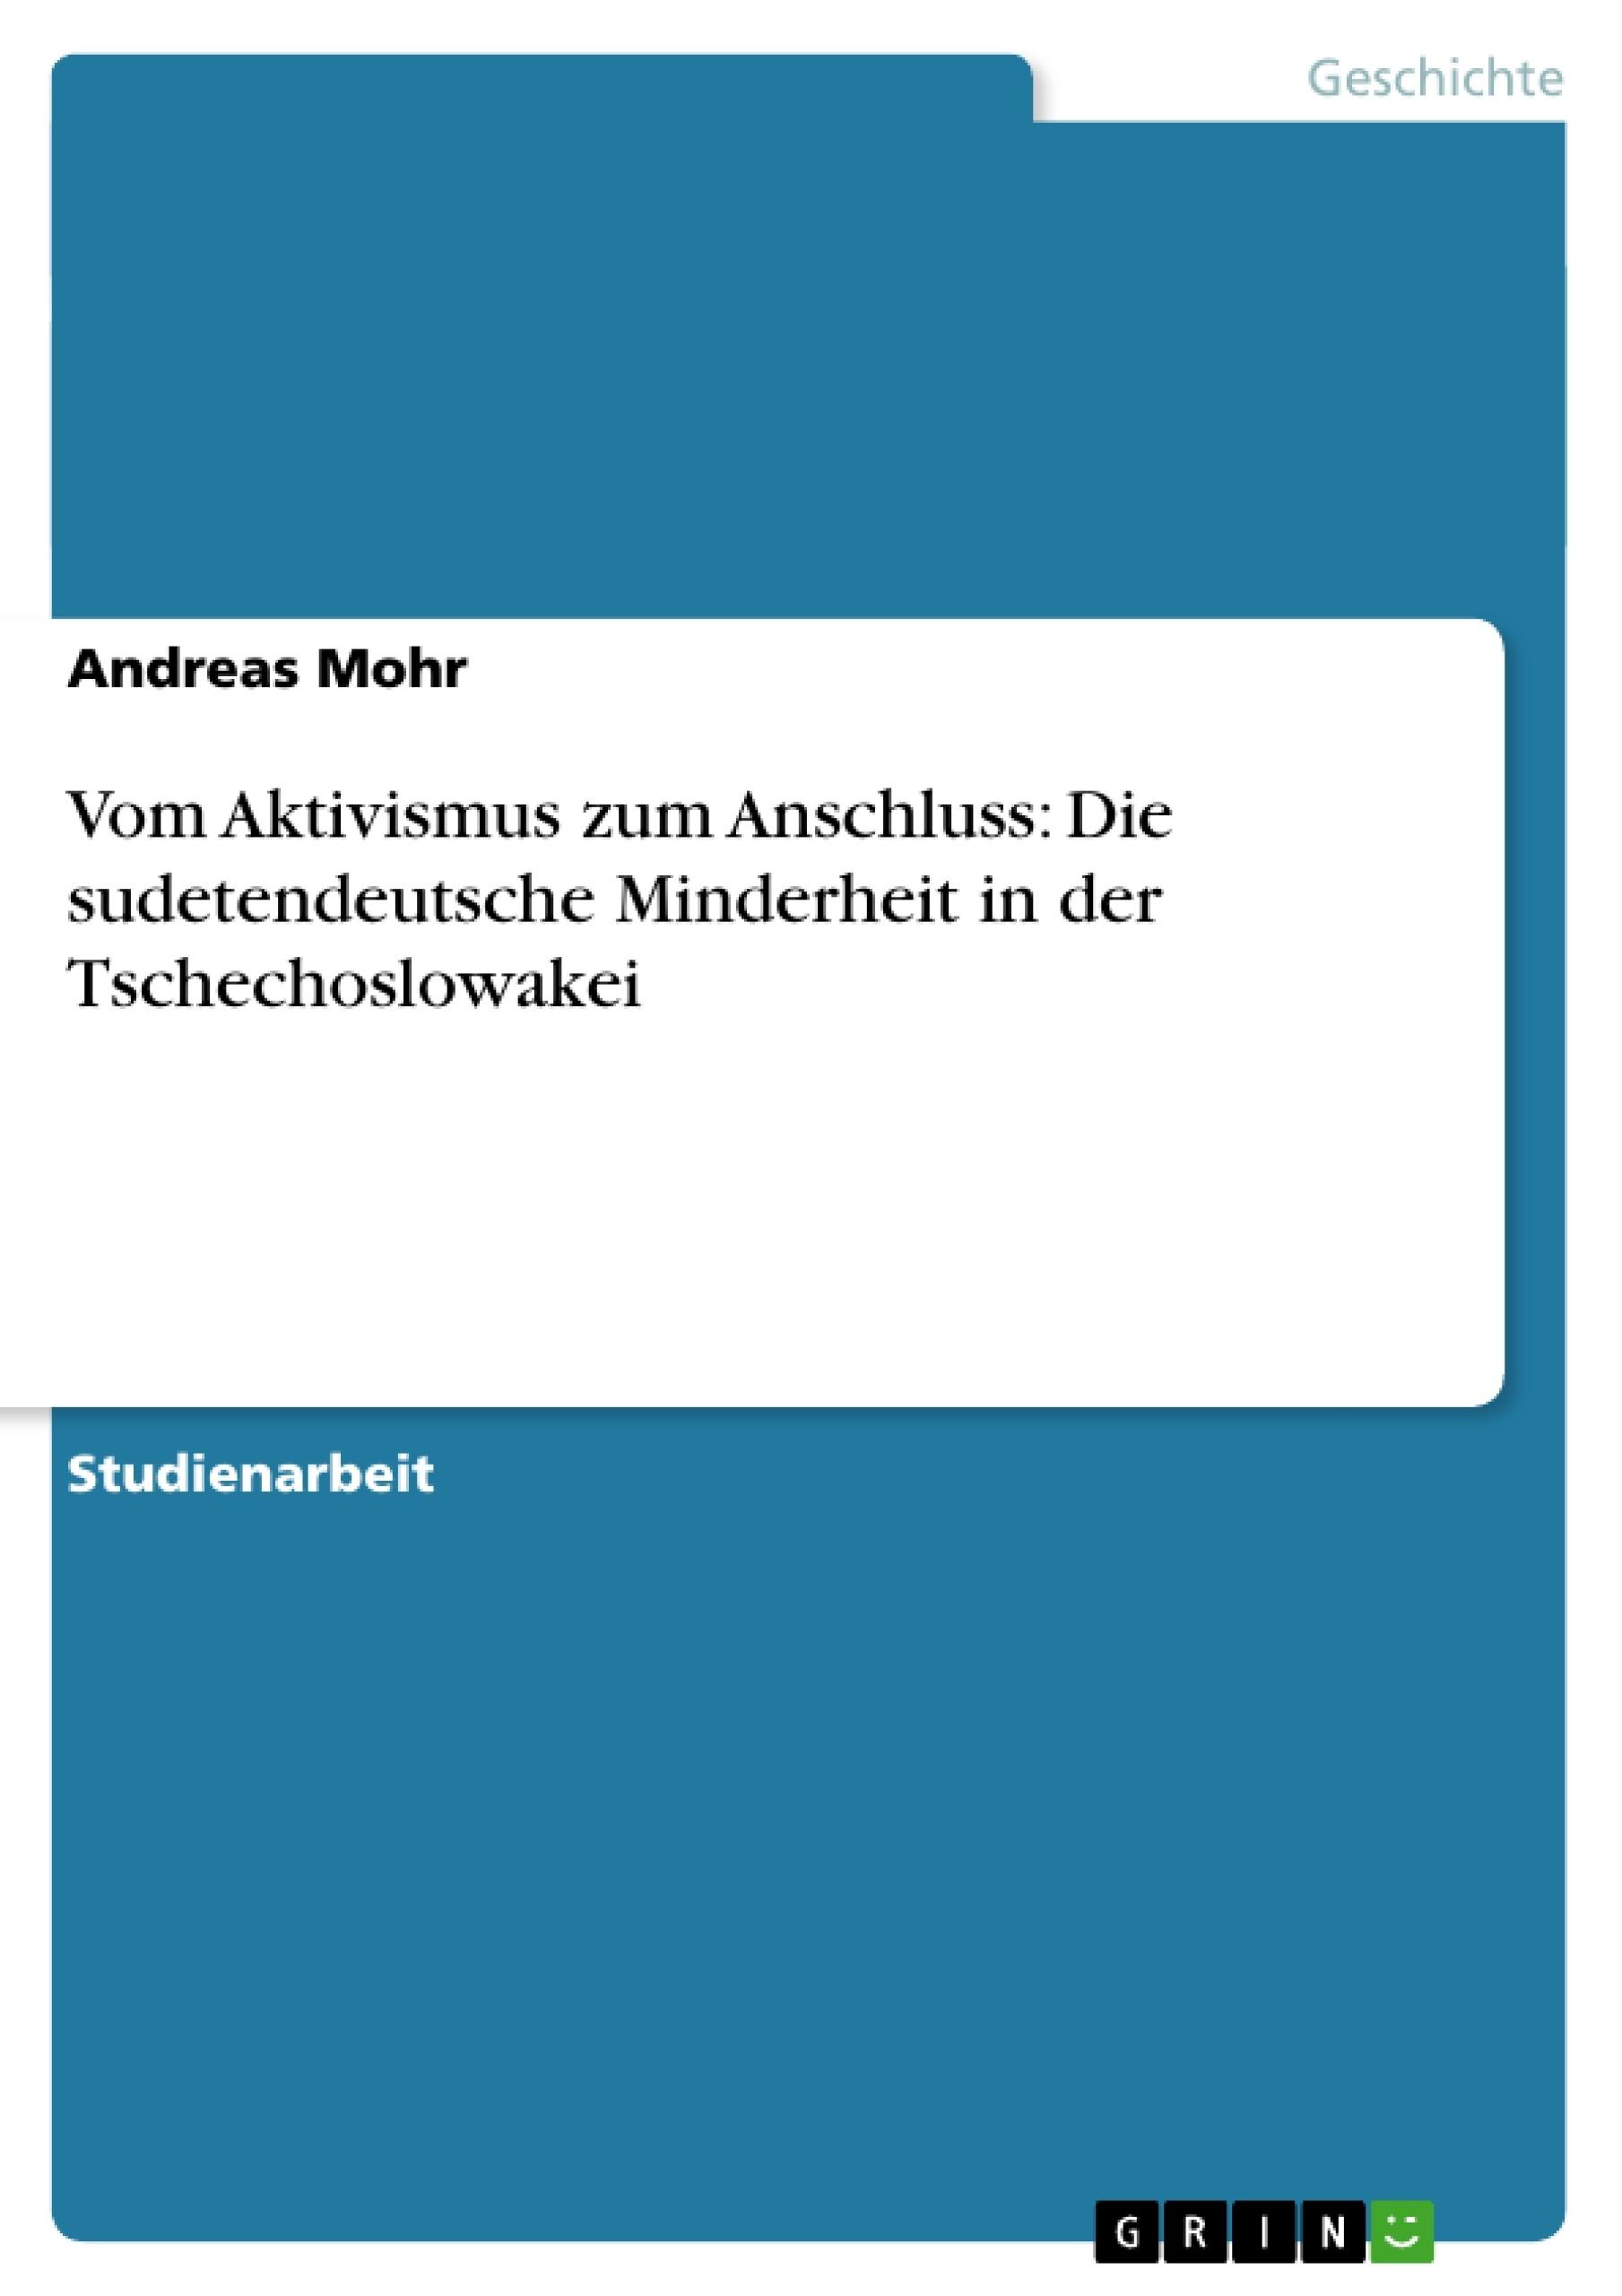 Titel: Vom Aktivismus zum Anschluss: Die sudetendeutsche Minderheit in der Tschechoslowakei